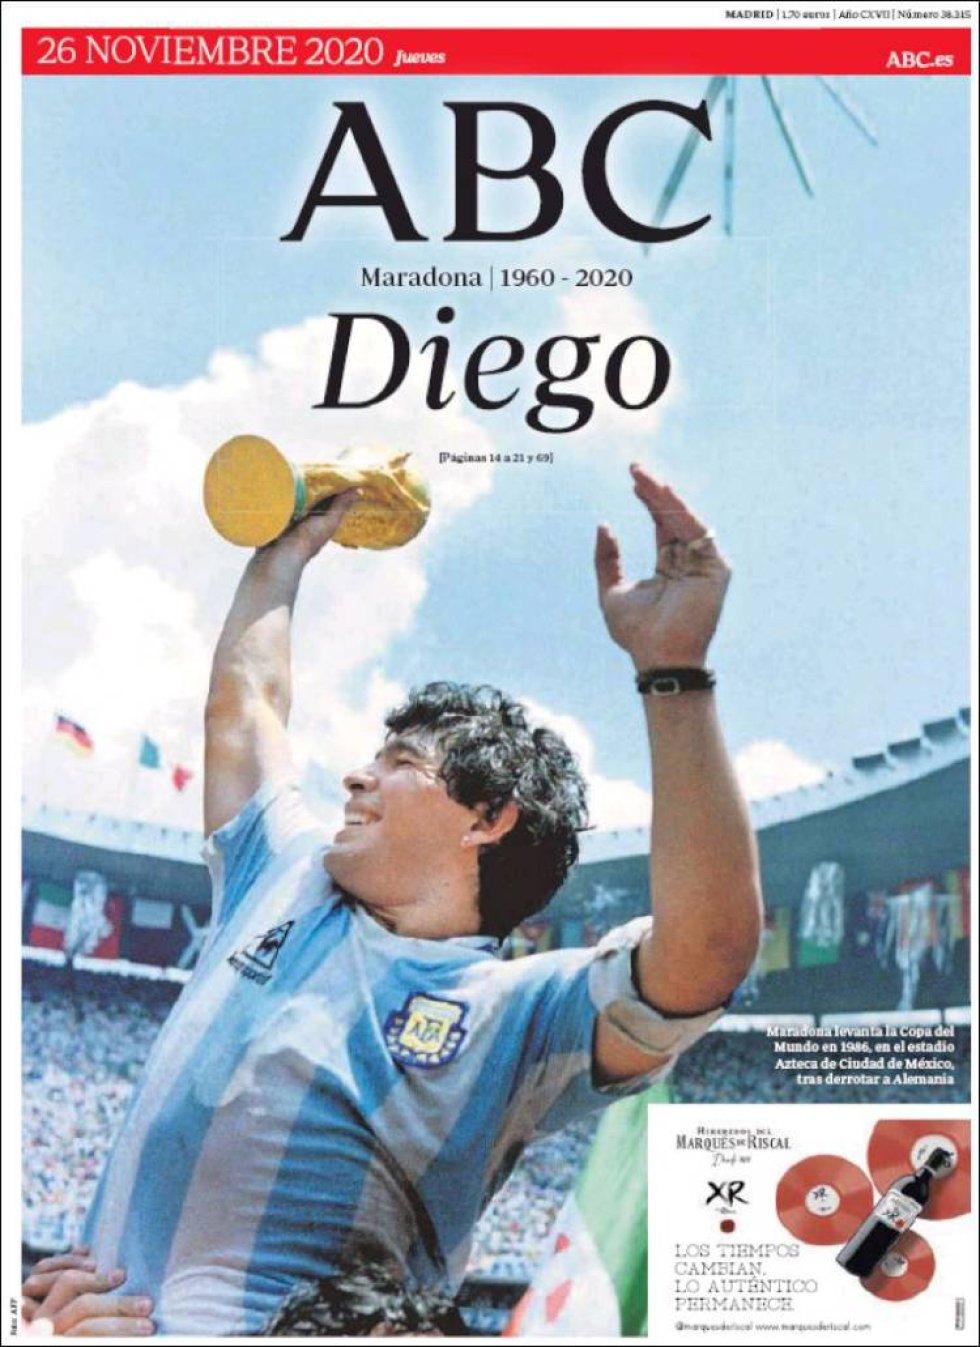 ABC dedica toda su portada a Maradona